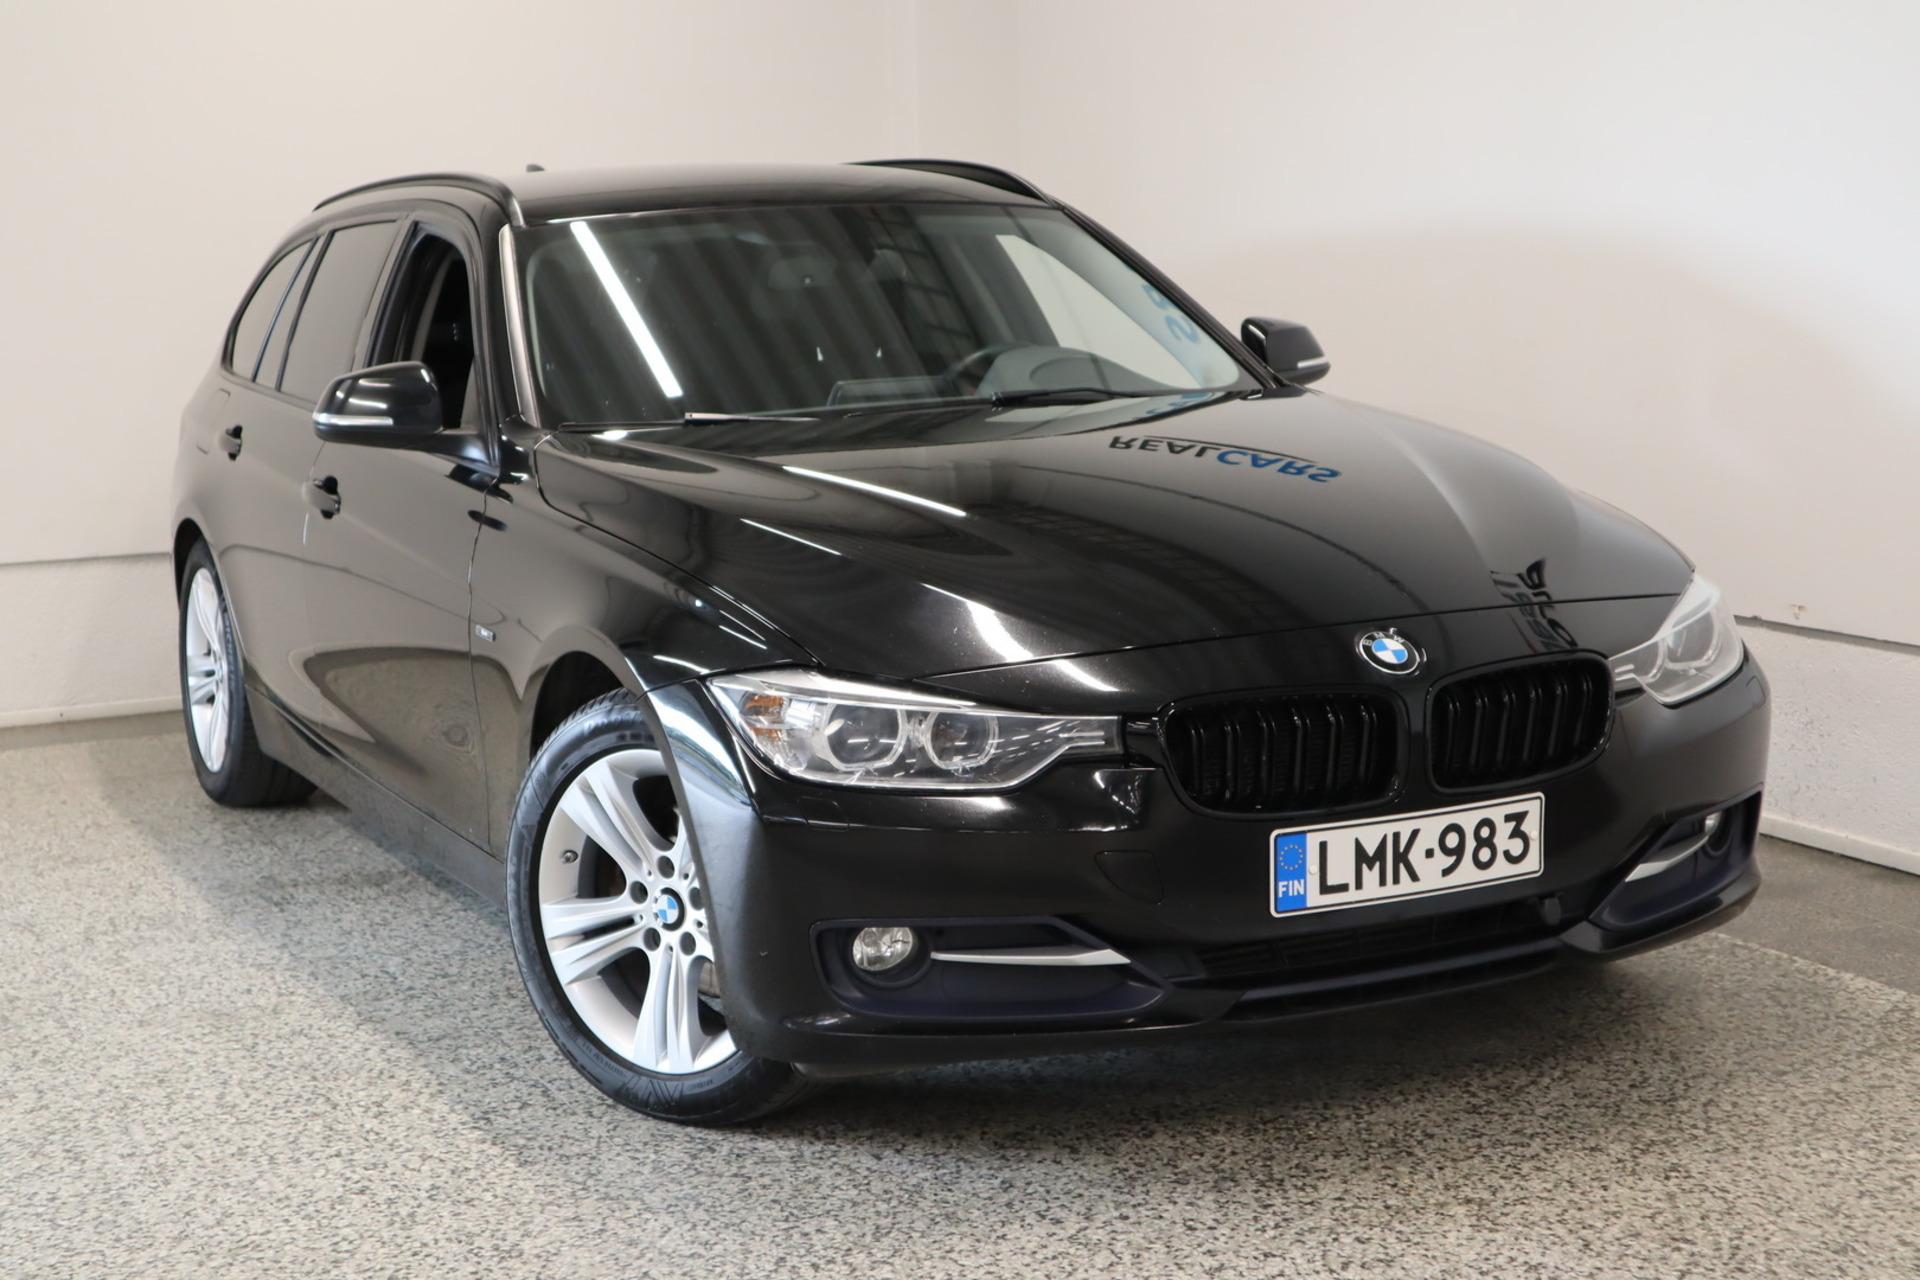 BMW 316 F31 Touring 316i TwinPower Turbo A Athlete Edition / Urheiluistuimet / Xenon valot / Bluetooth / Sähköinen takaluukku